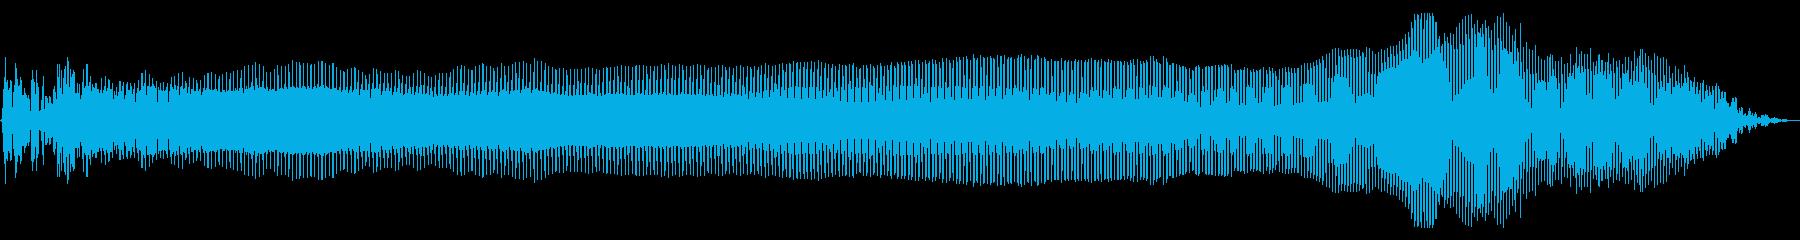 フーワ 上昇 ワウ トランペットの再生済みの波形